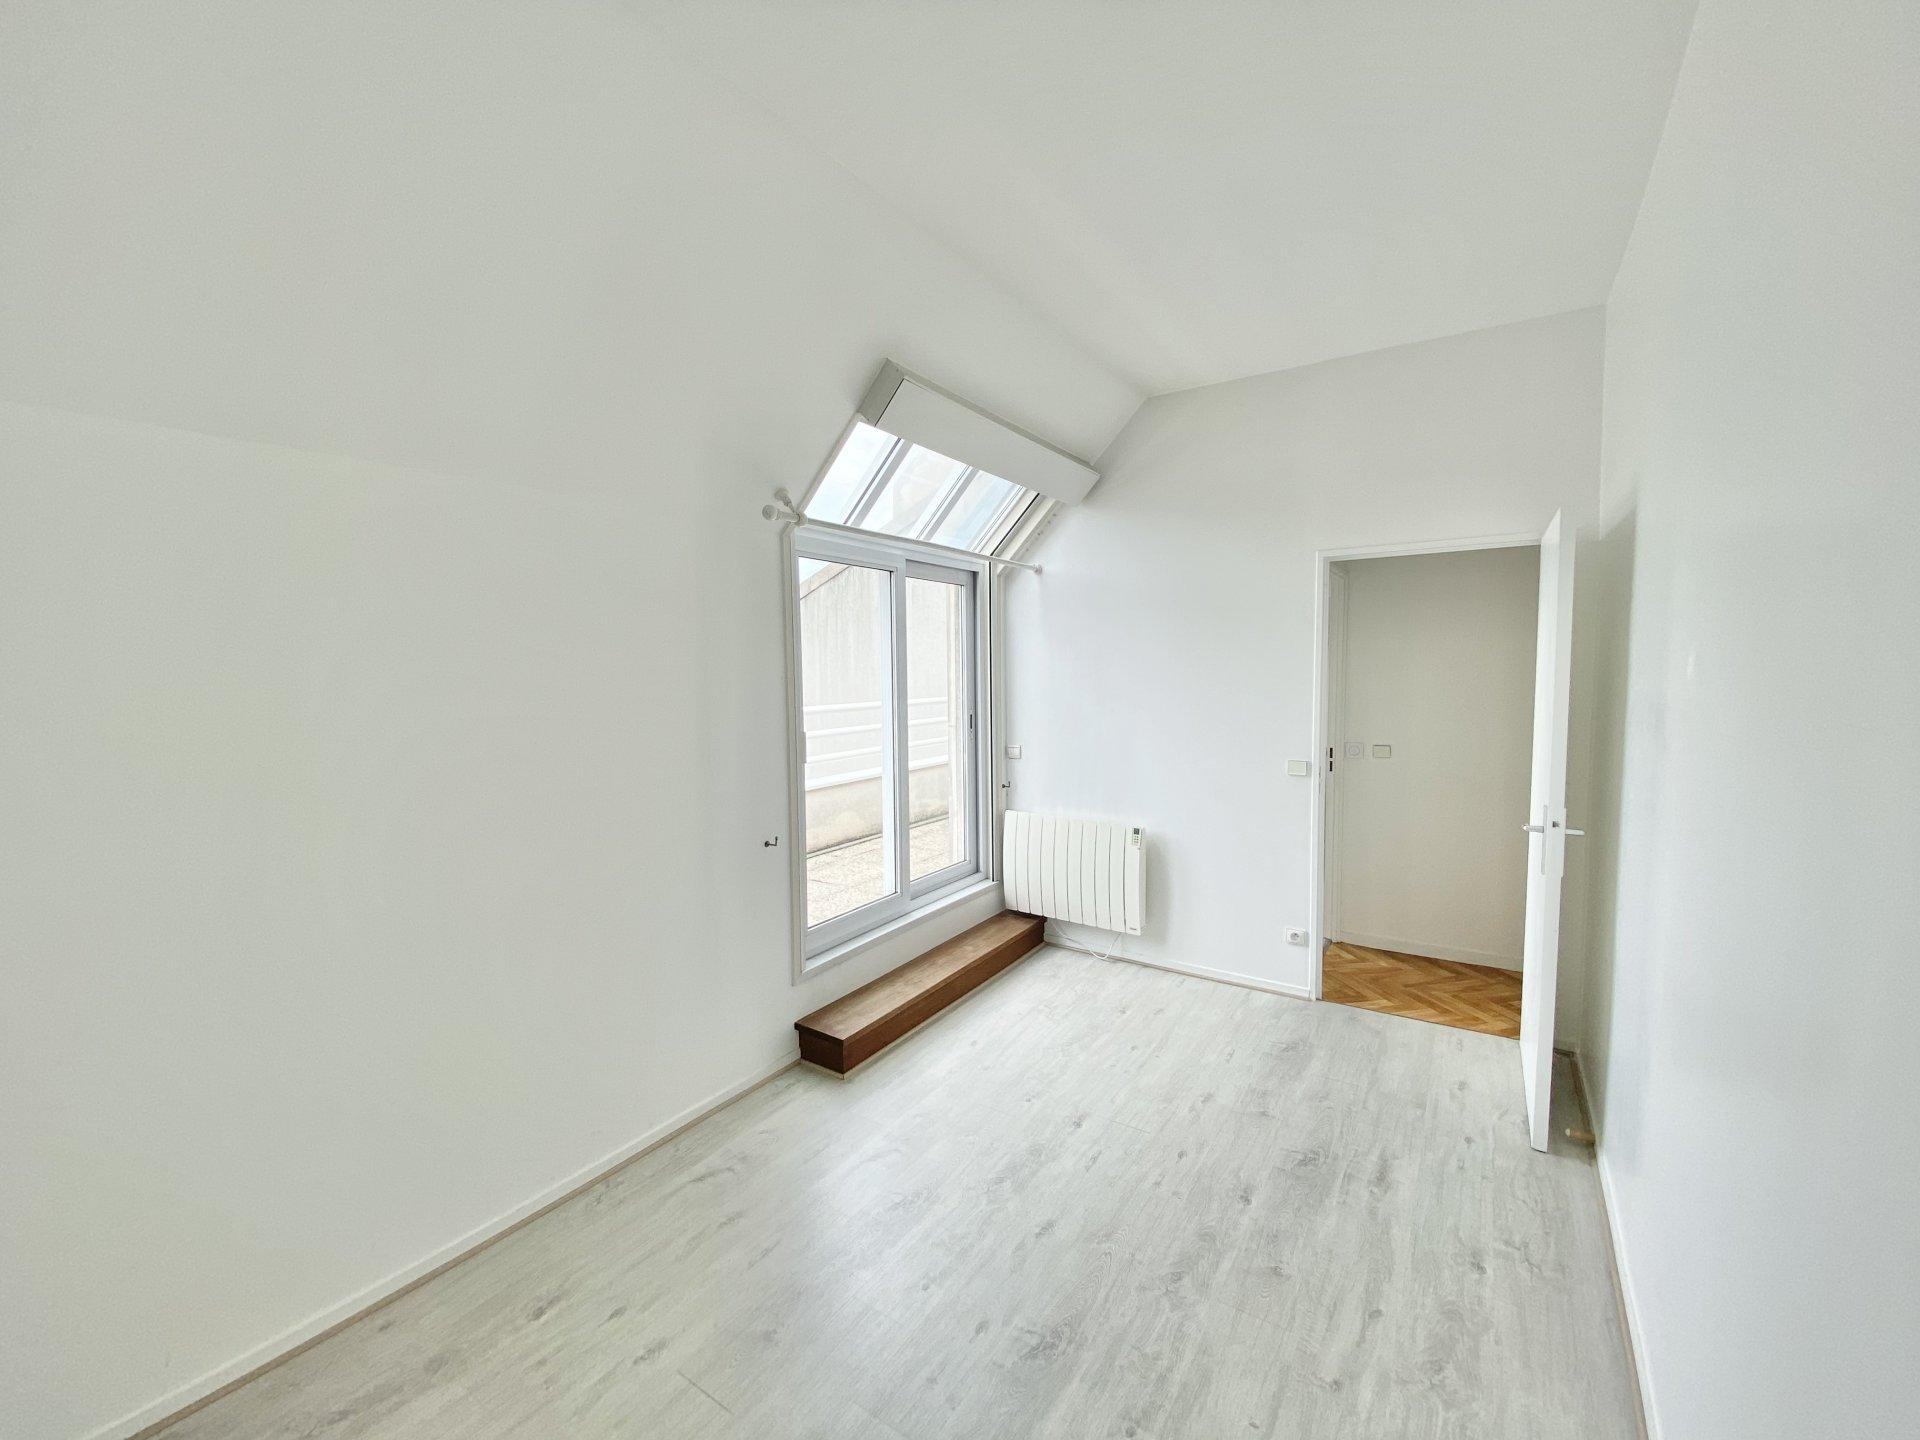 Sale Apartment - Asnières-sur-Seine